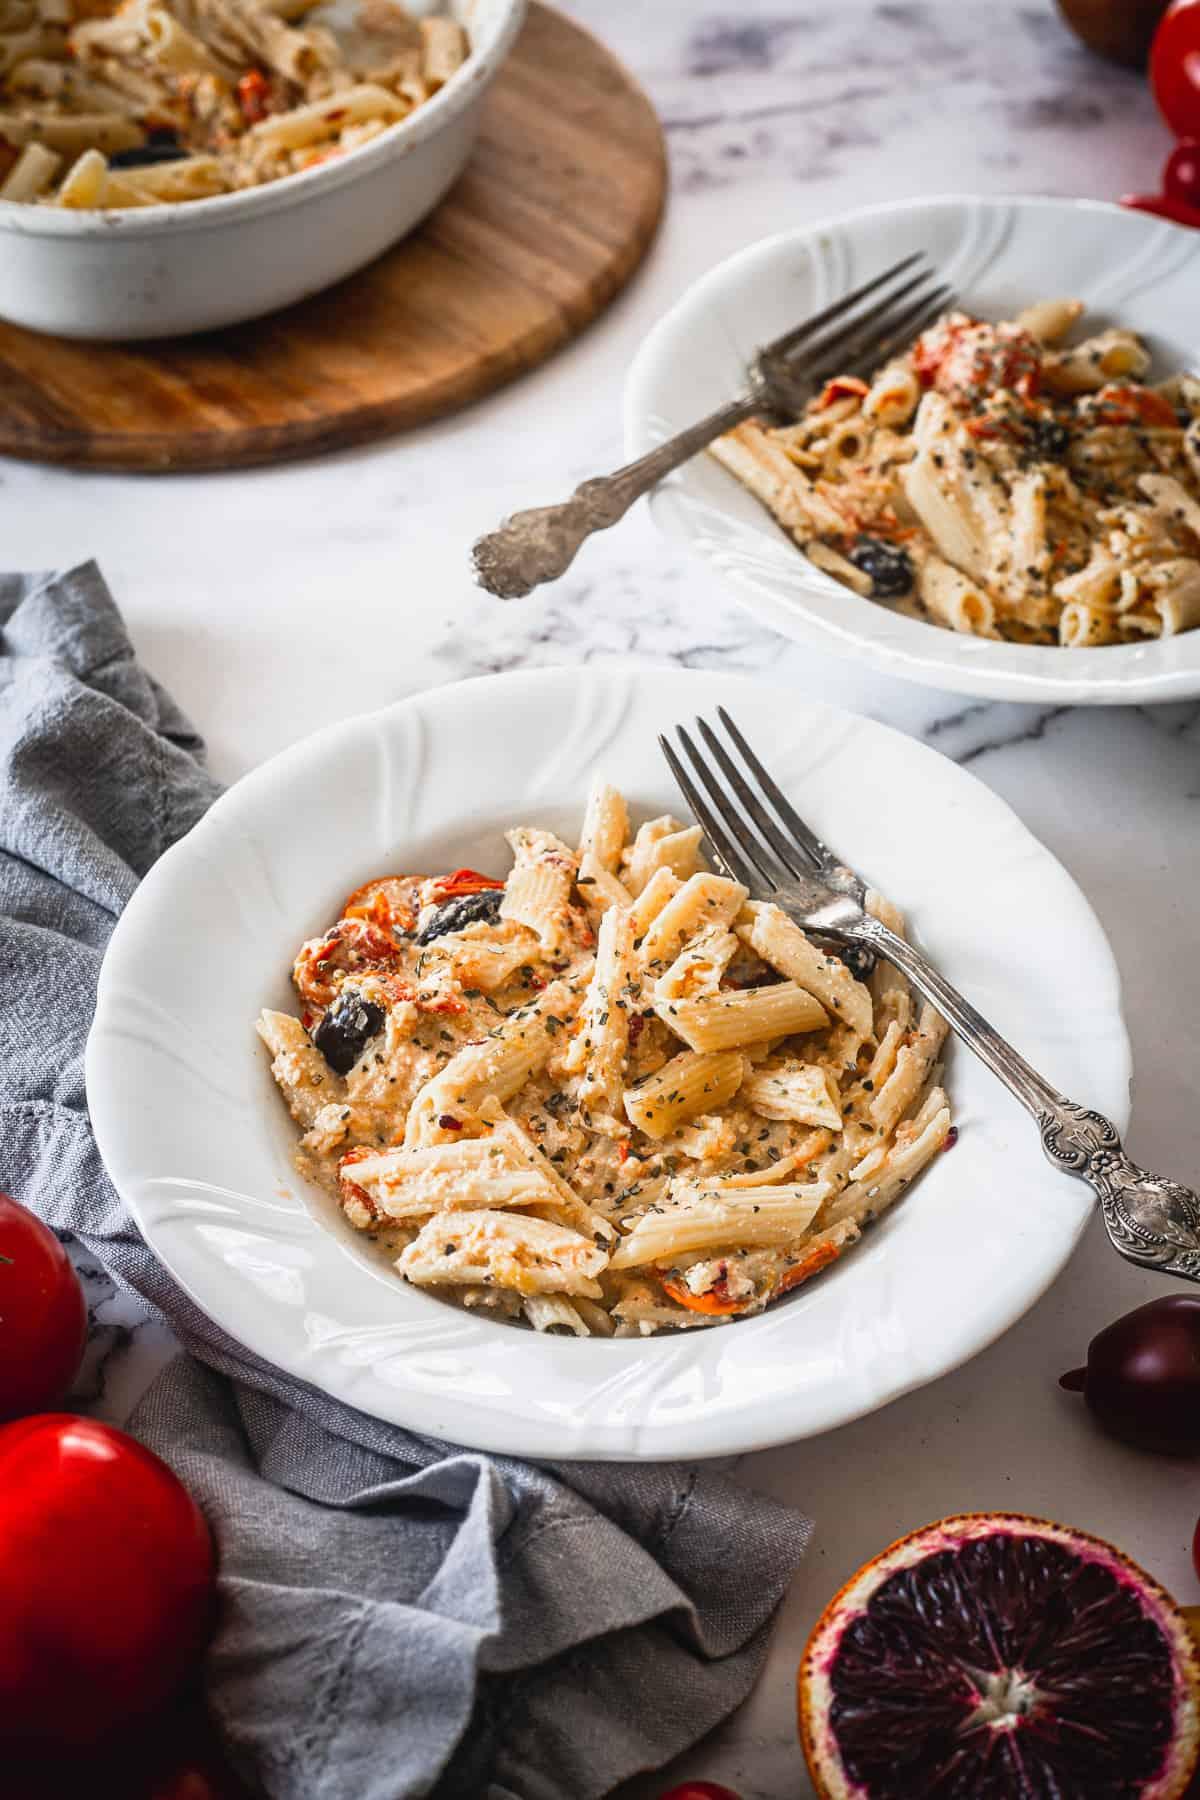 plate of baked feta pasta